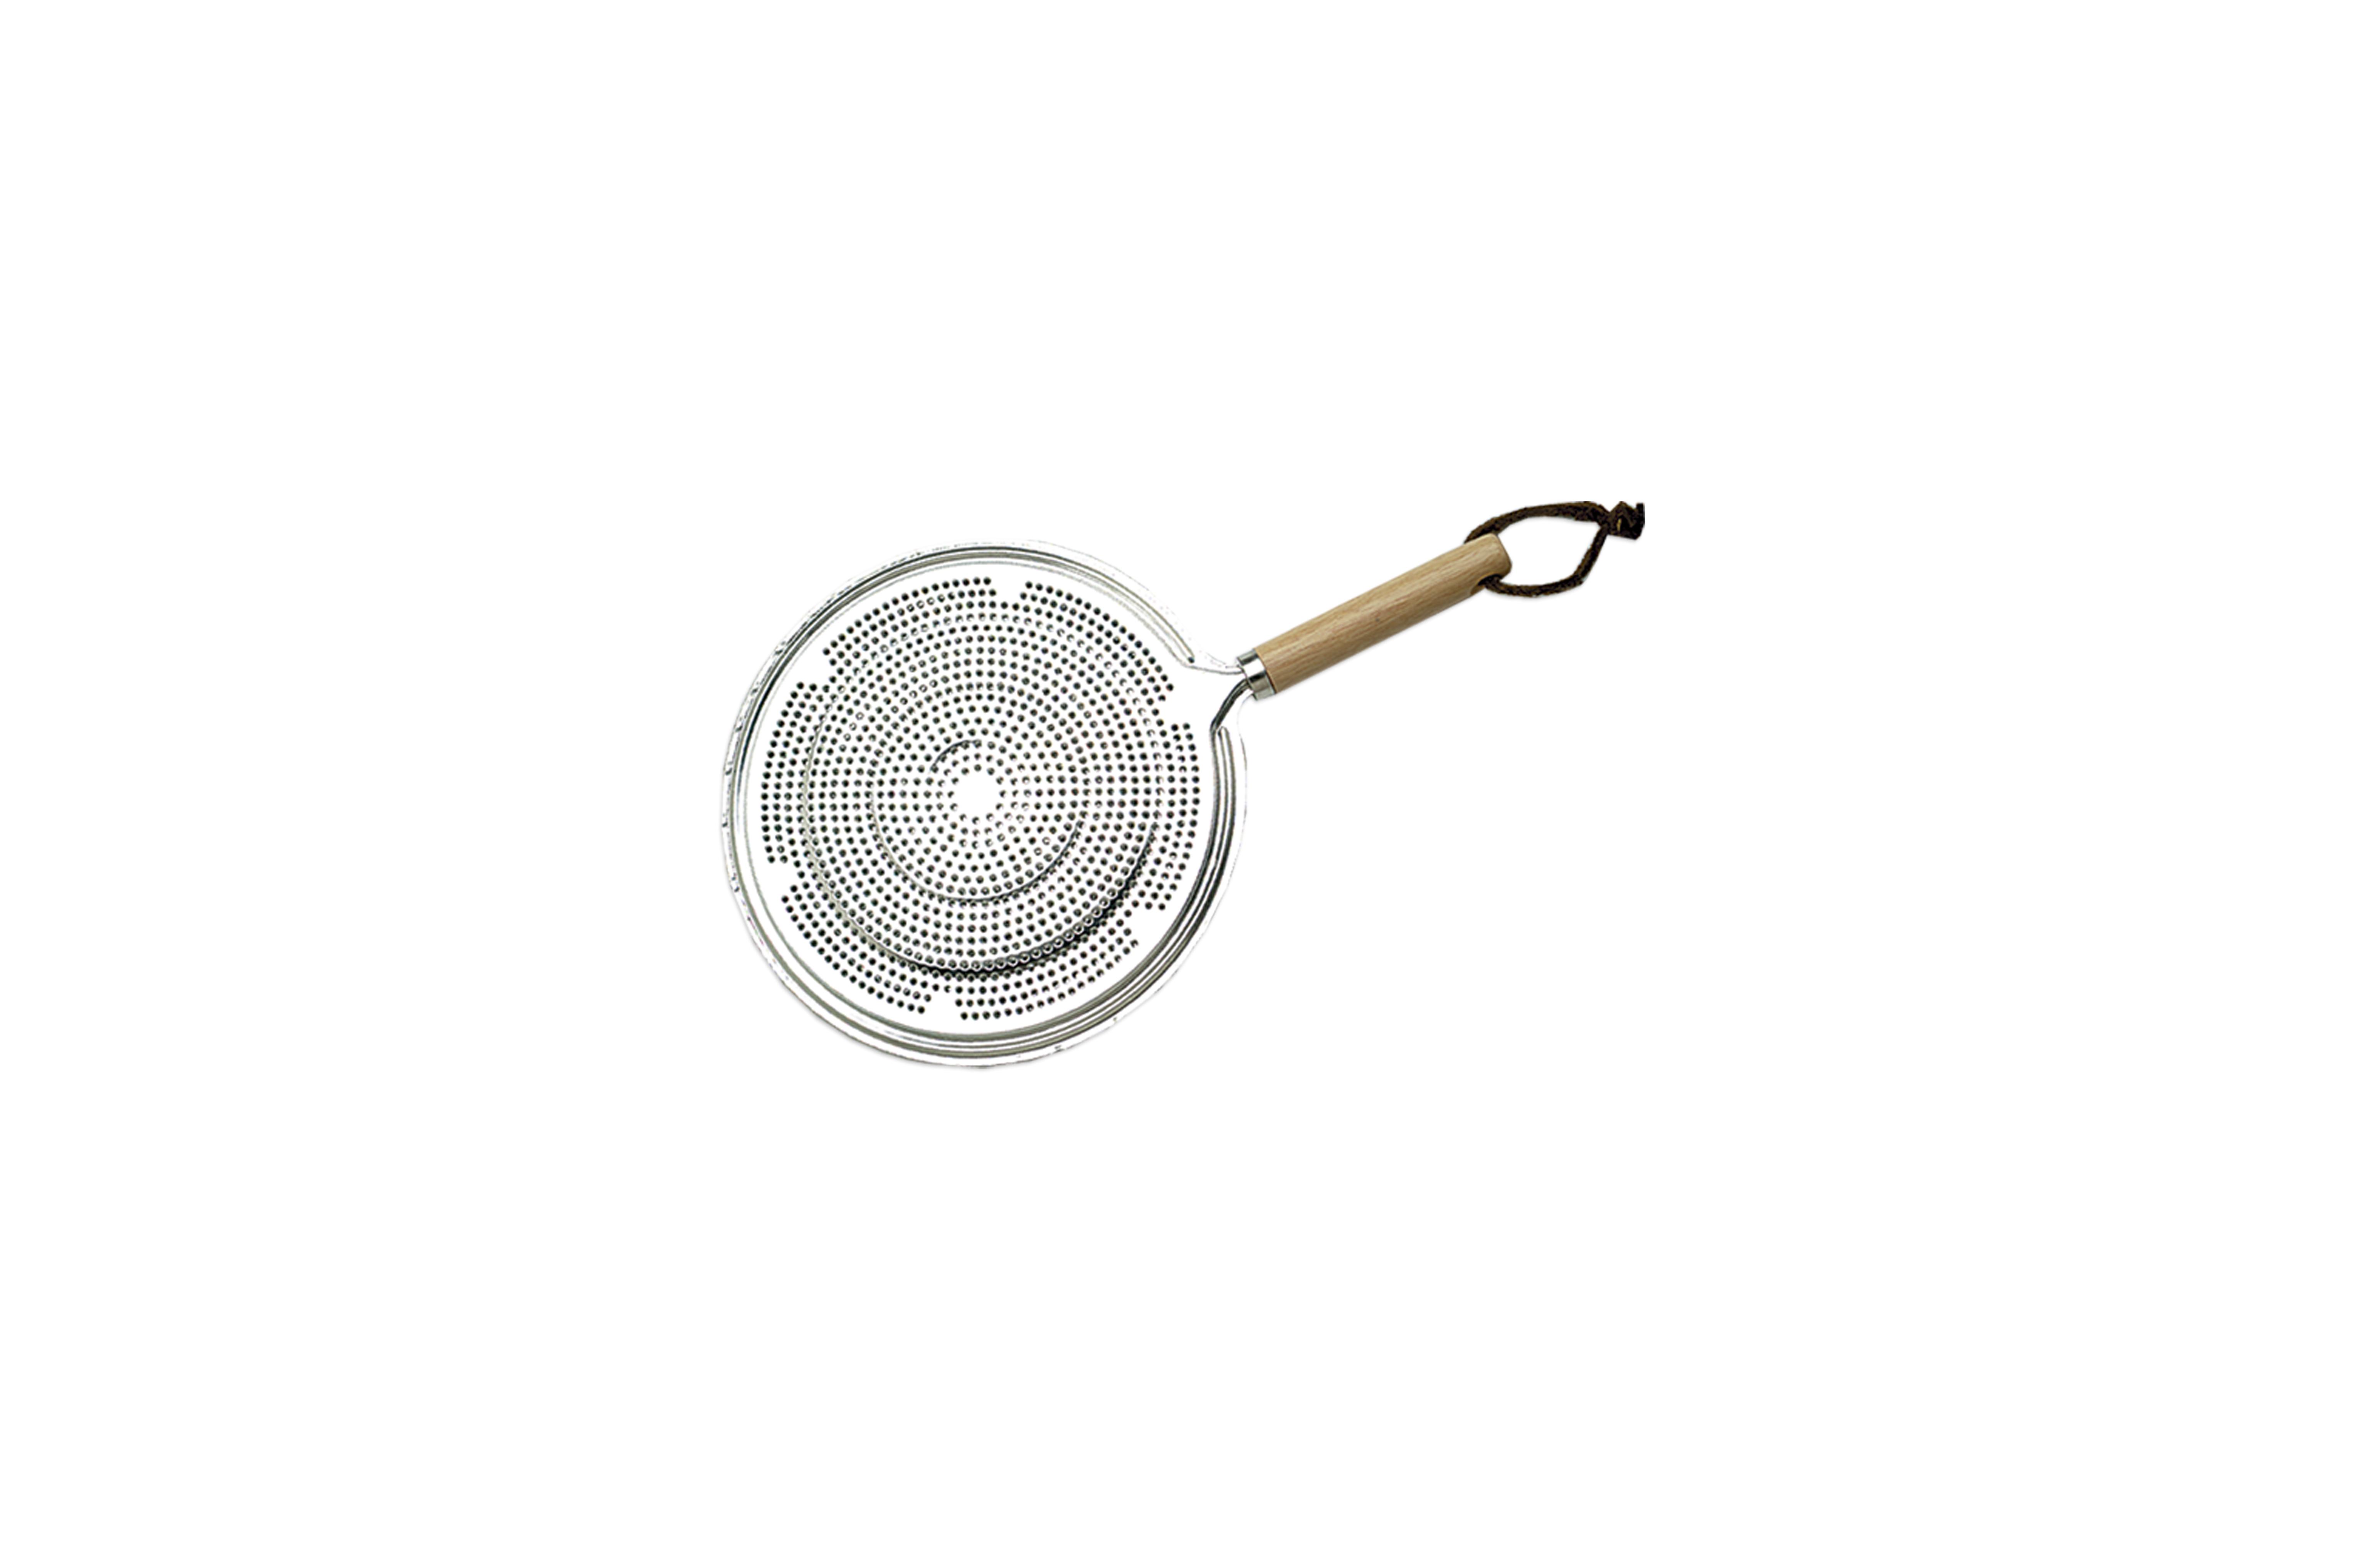 Heat Diffusers & Pot Watchers